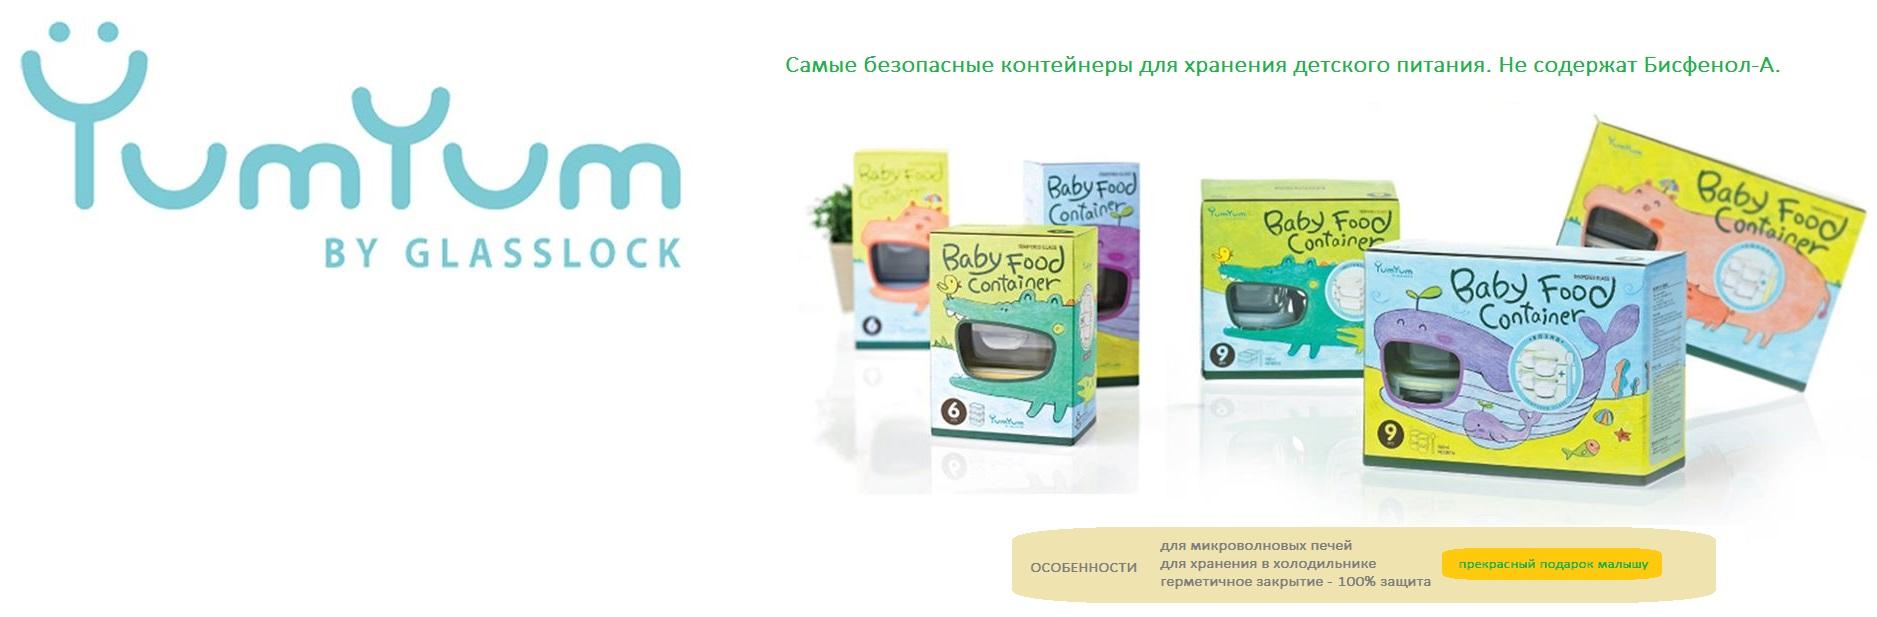 Набор для детей: пищевые контейнеры с ложкой, 8 шт, стекло, розовый цвет, GlassLock Yum Yum, США - Корея